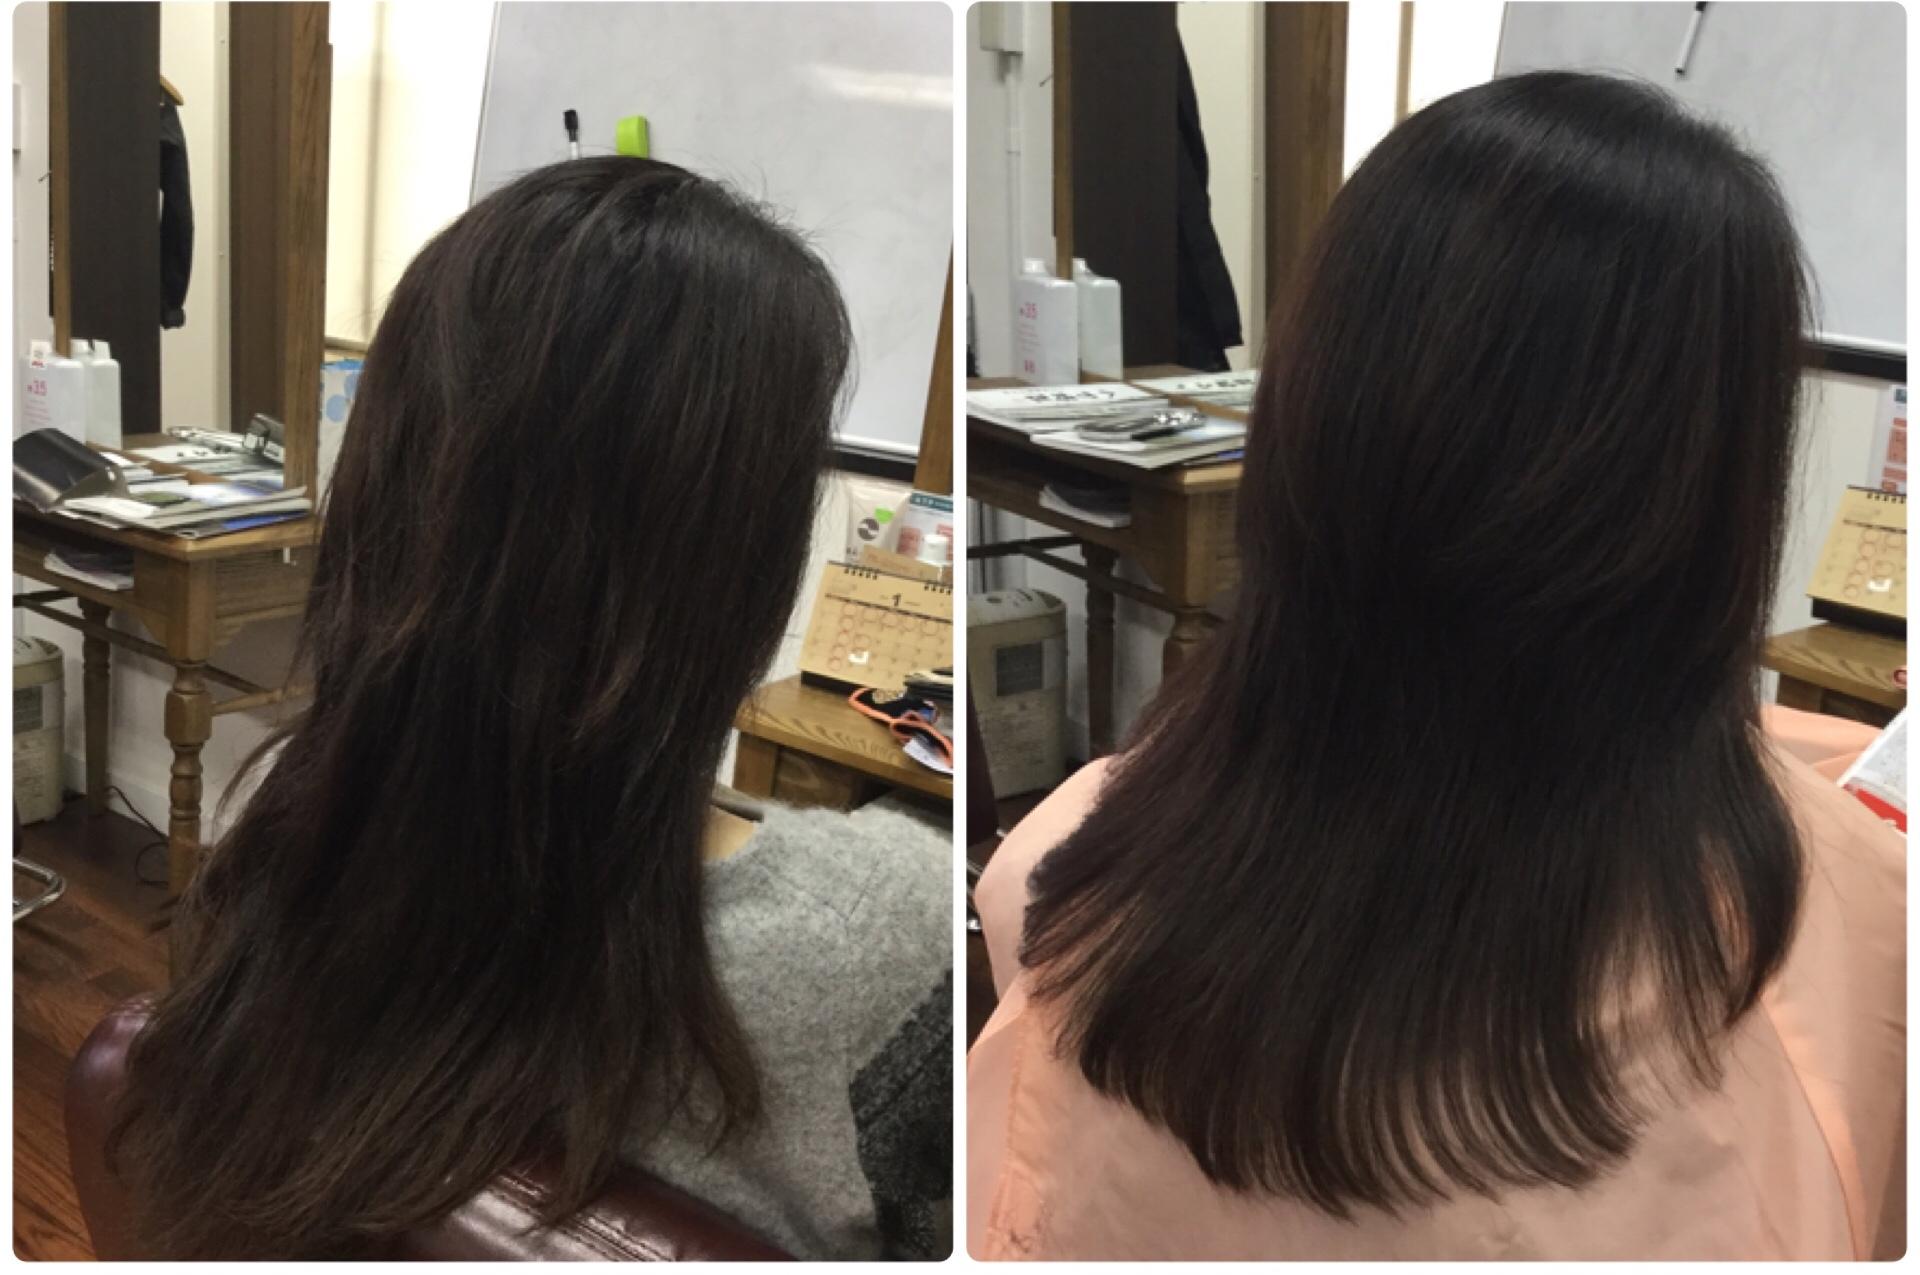 アラフィフの脱縮毛矯正は素髪ケアでお悩み解消!神戸くせ毛専門美容室アバディ